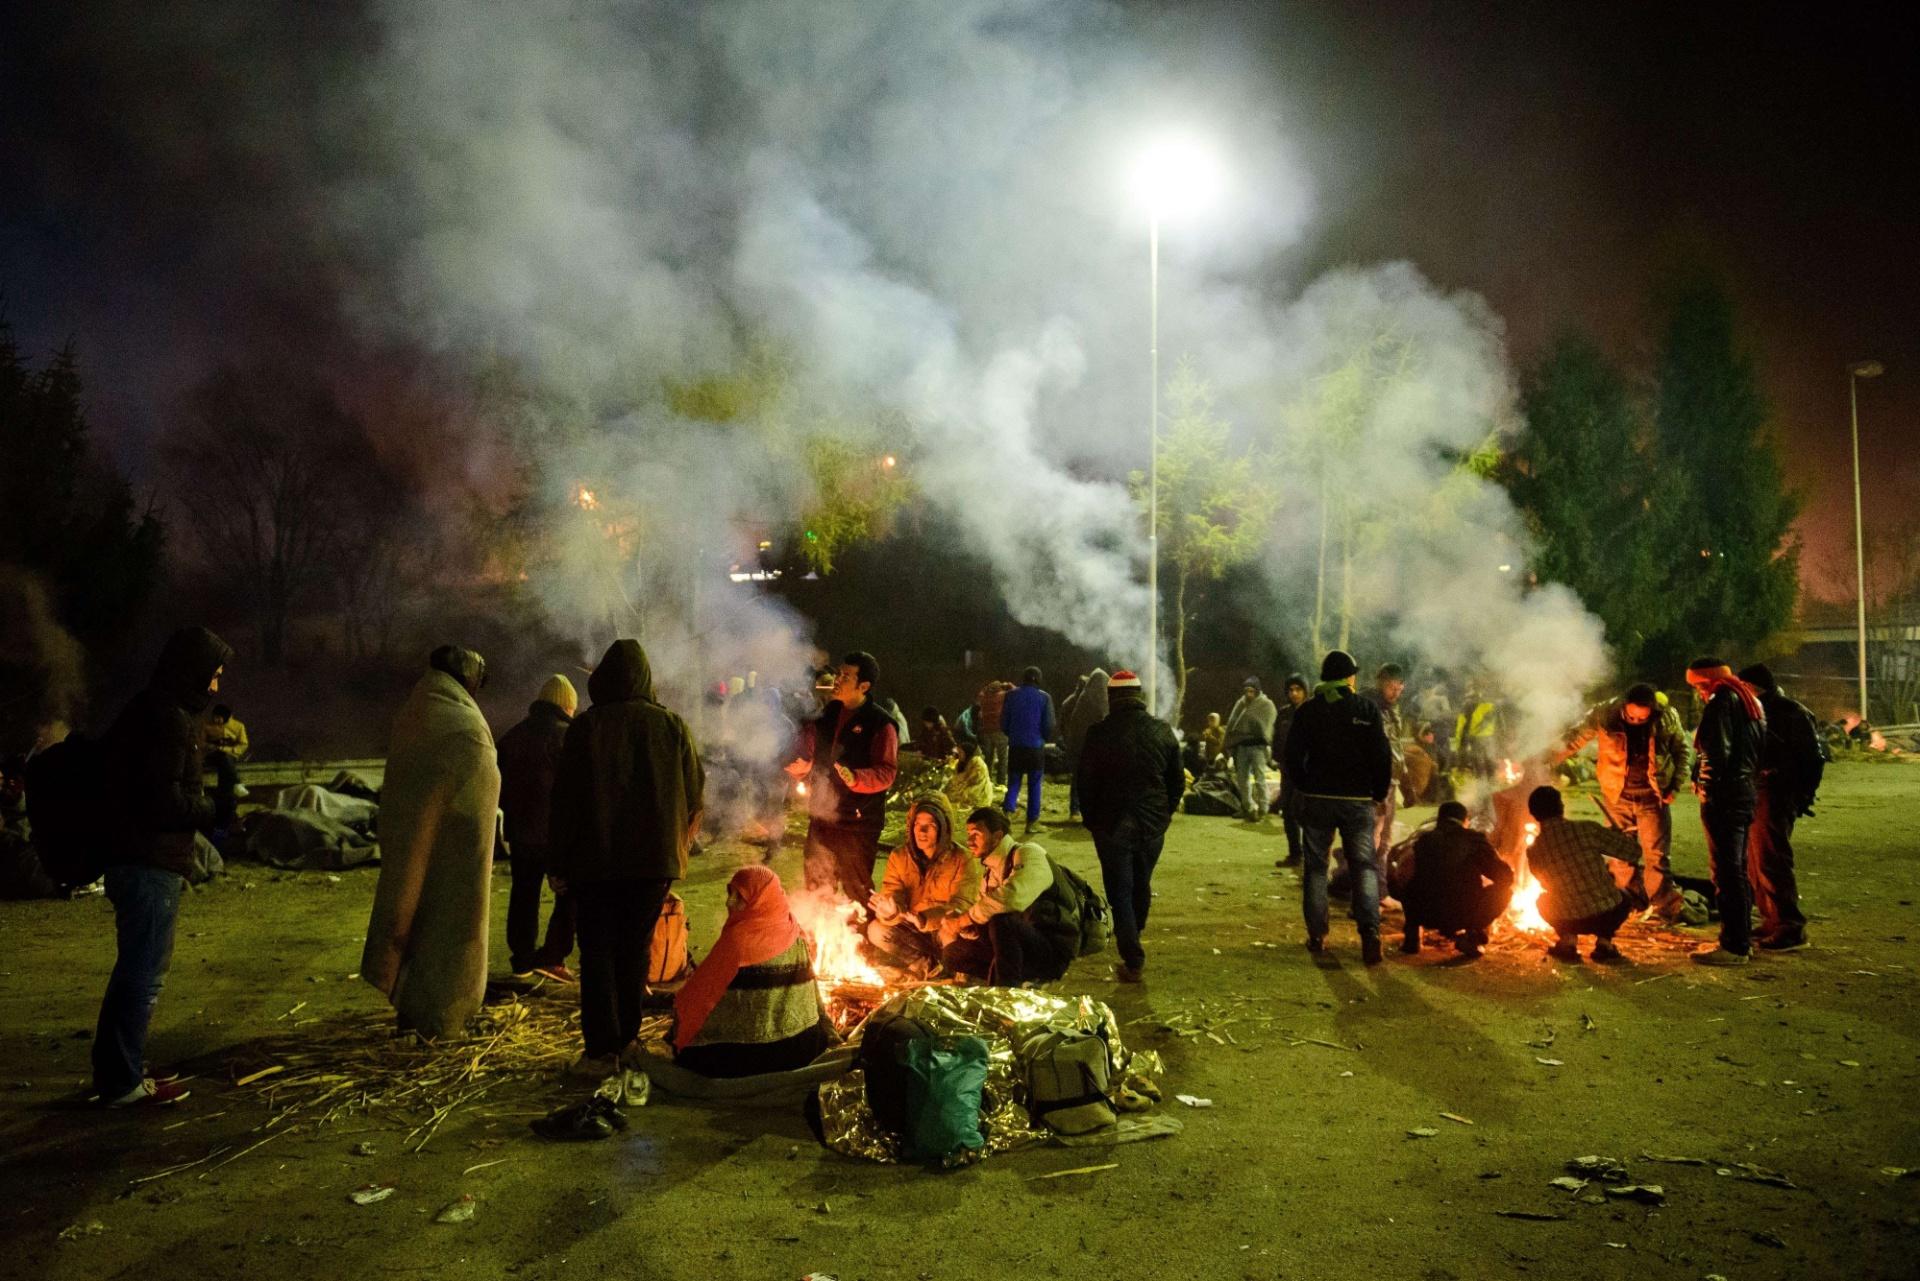 5.nov.2015 - Refugiados se sentam em volta de fogueiras enquanto esperam para cruzar fronteira eslovena-austríaca, em  Sentilj. Refugiados teriam feito 800 mil entradas ilegais na União Europeia este ano, disse o chefe da agência Frontex em uma entrevista ao jornal alemão Bild